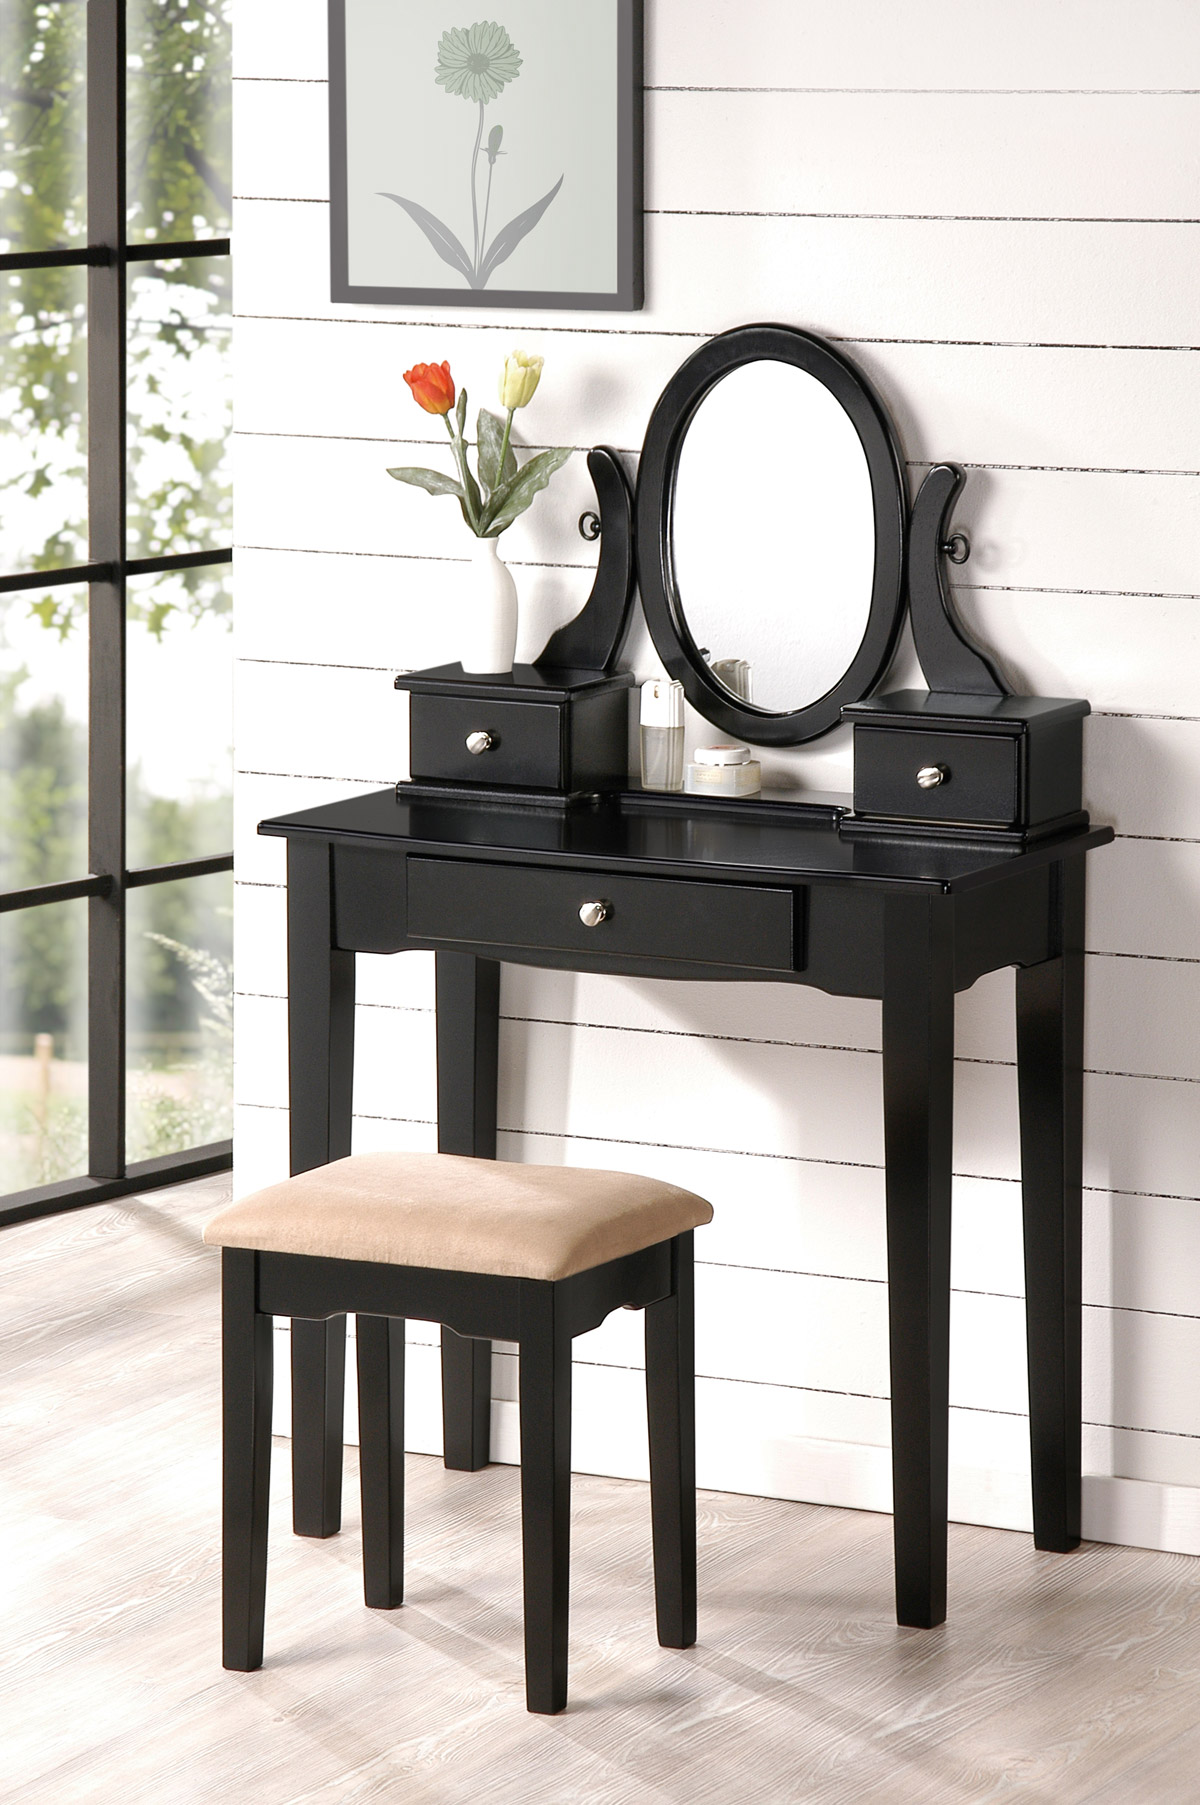 Bedroom Vanity HomeMajestic -  bedroom vanity with drawers in design